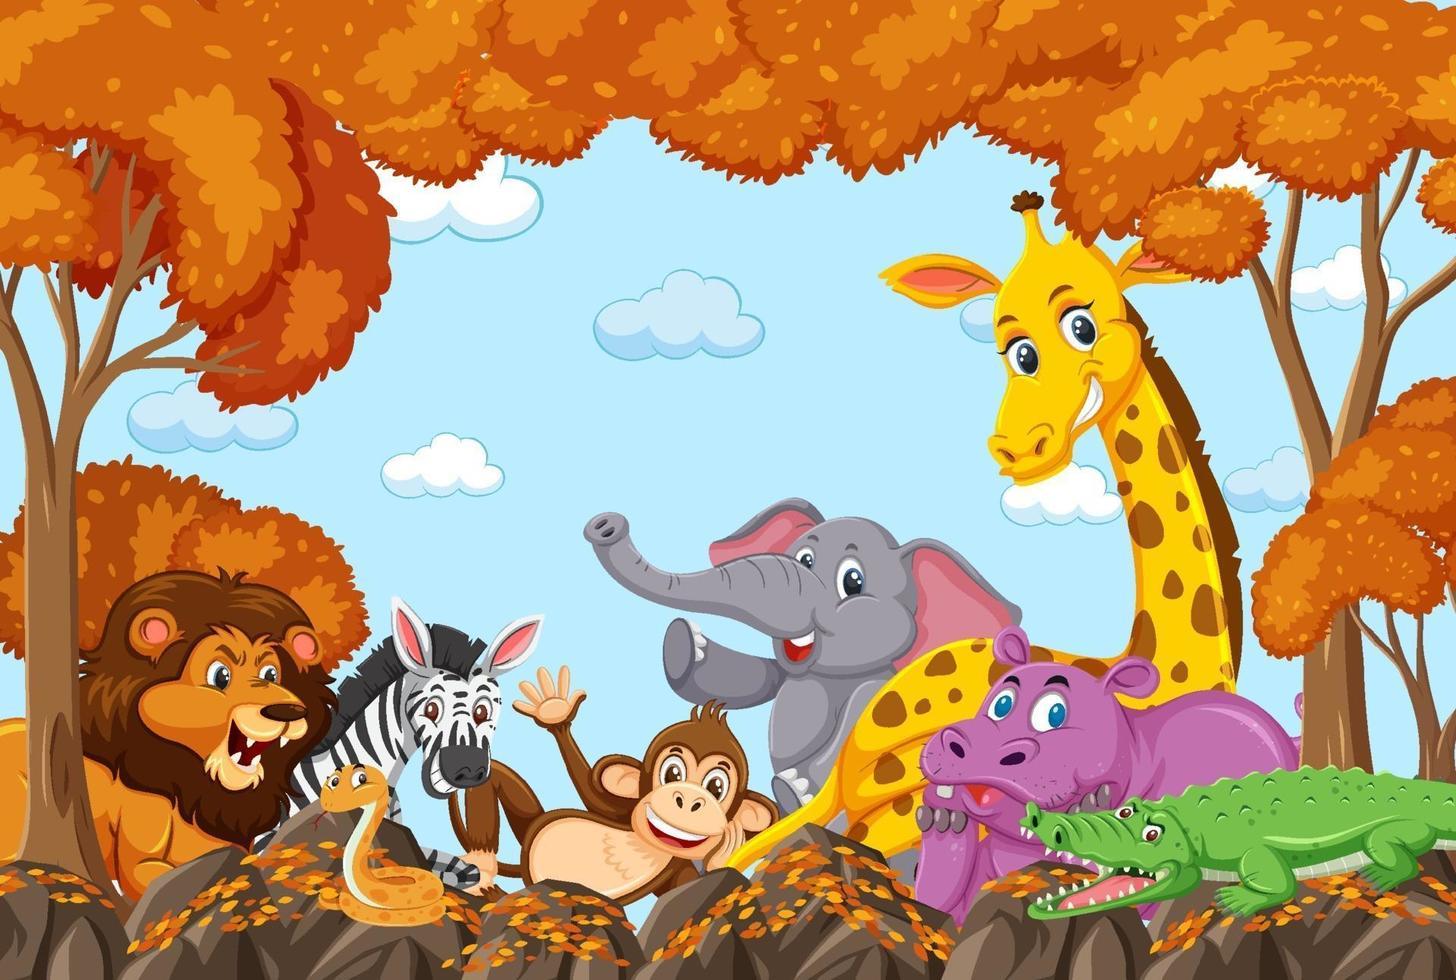 grupo de animais selvagens em cena de floresta de outono vetor